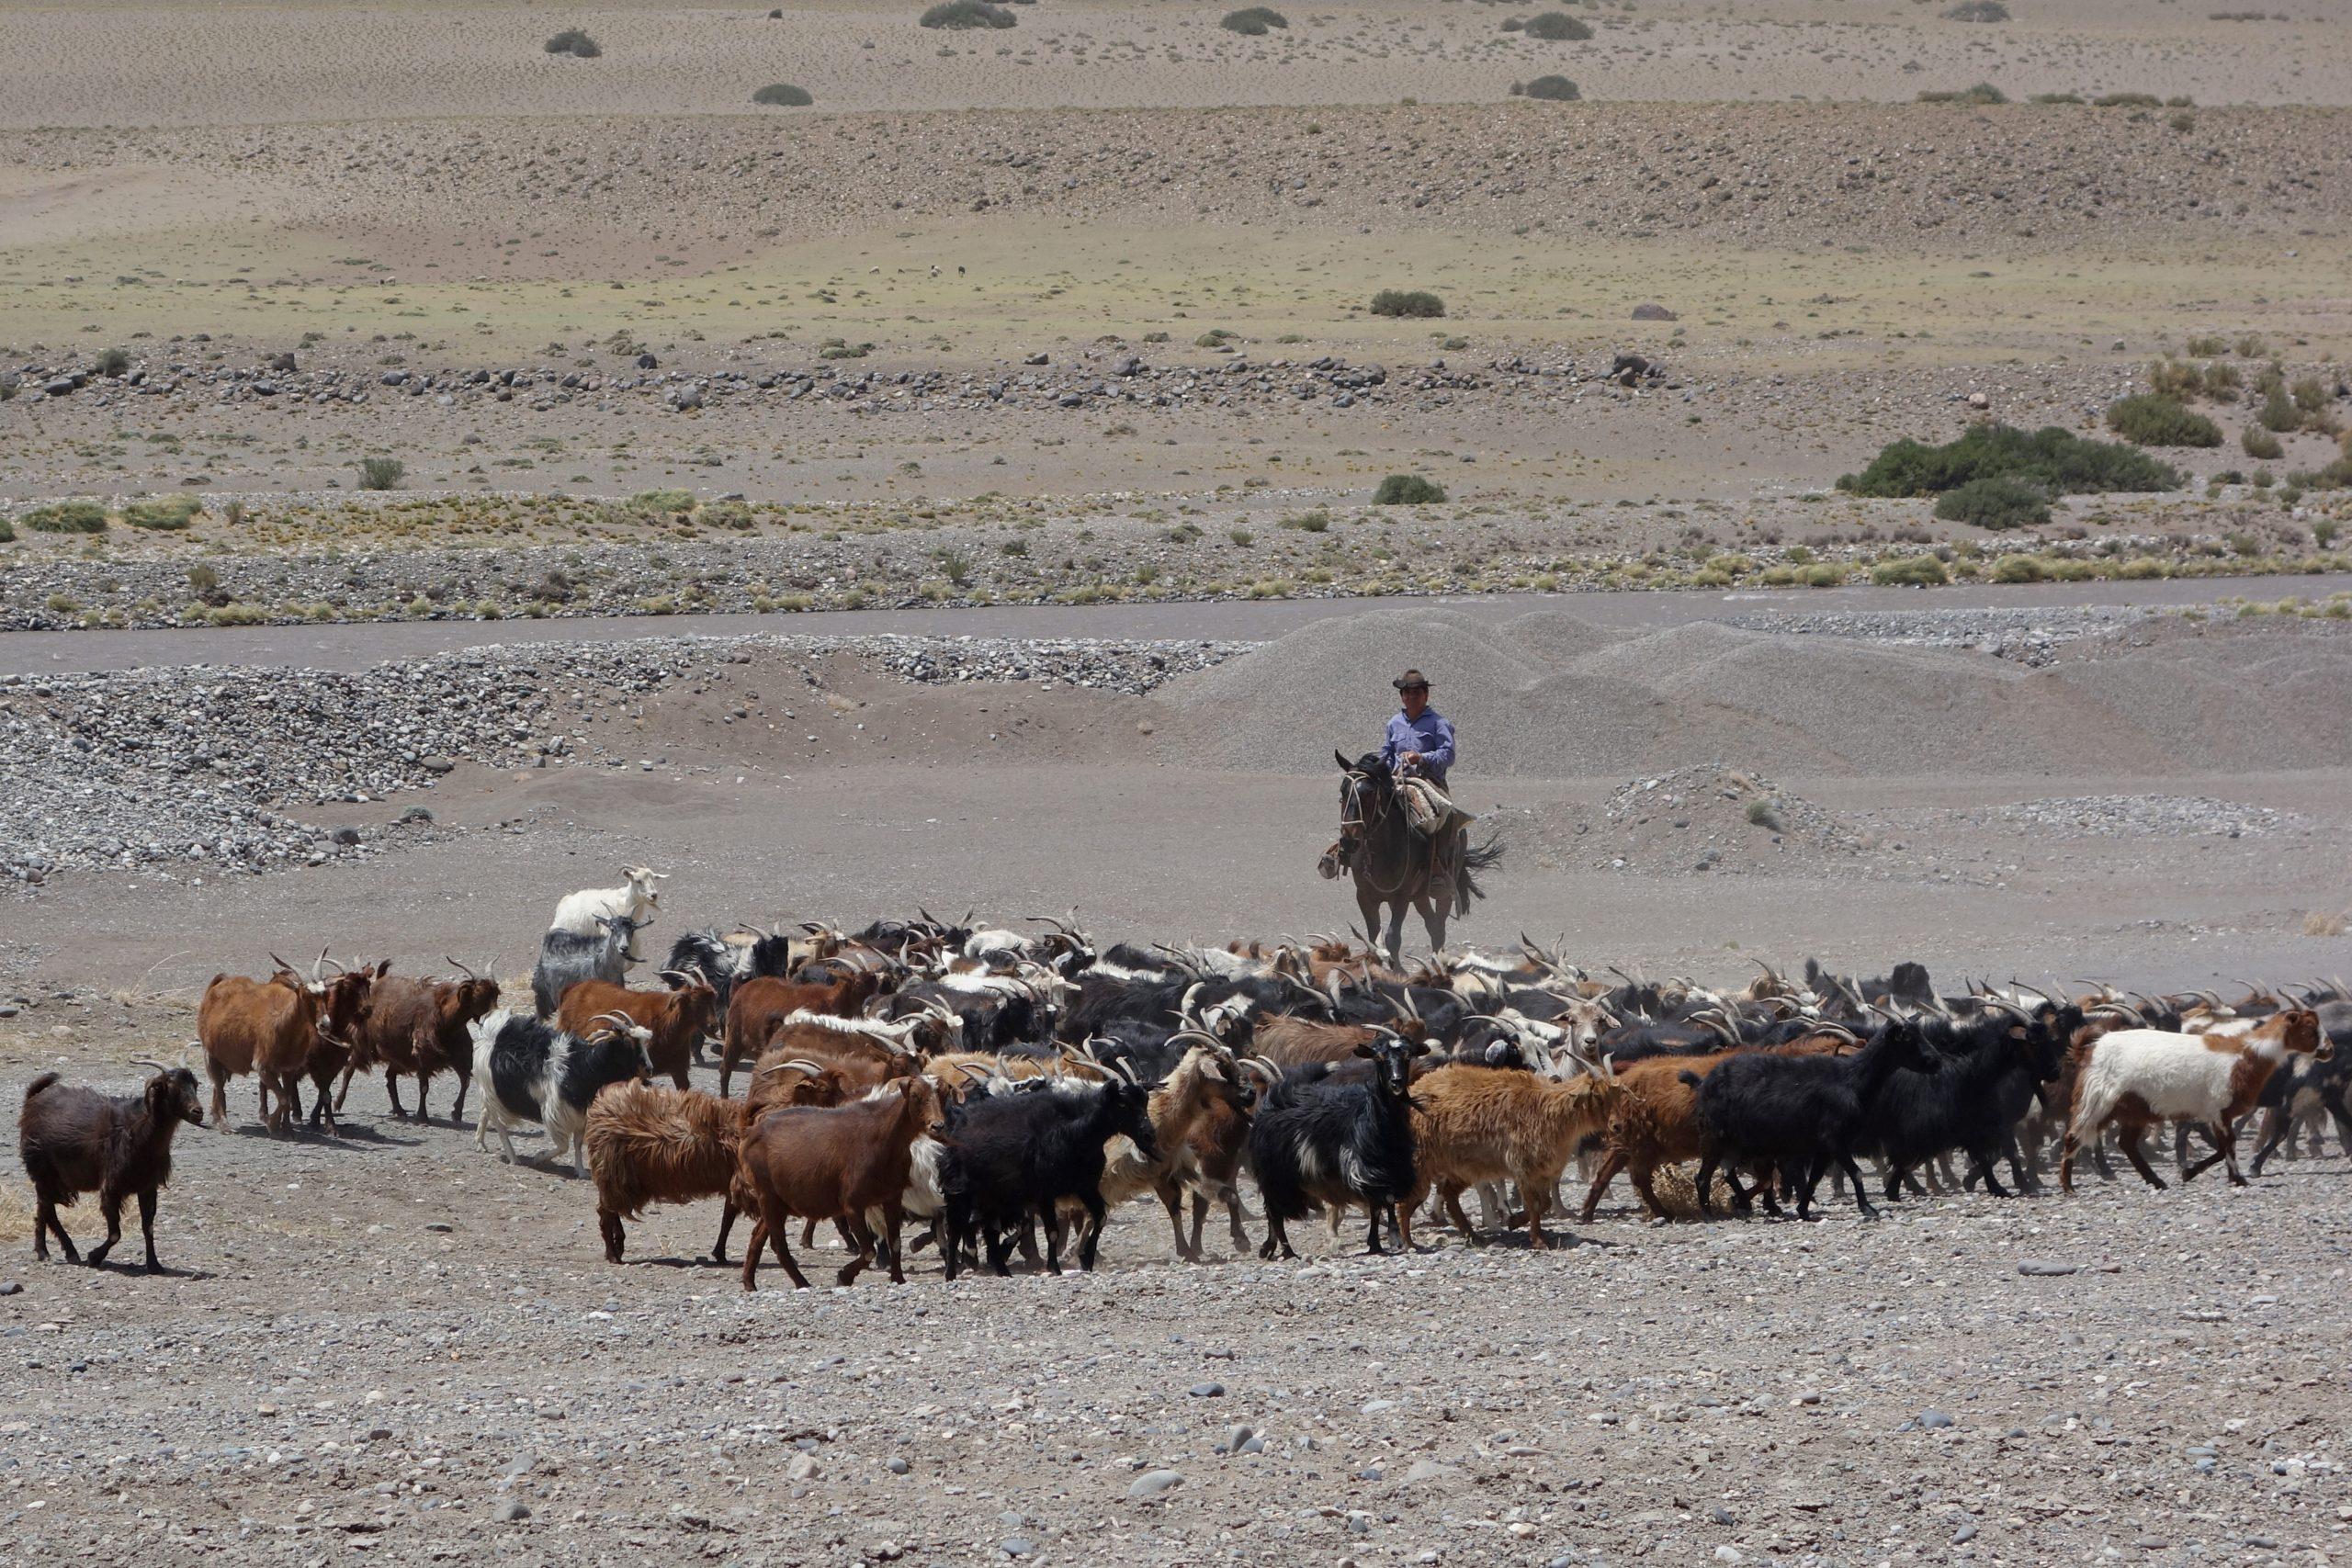 Radreise Südamerika 2019 - Gaucho und Ziegen am Rio Grande